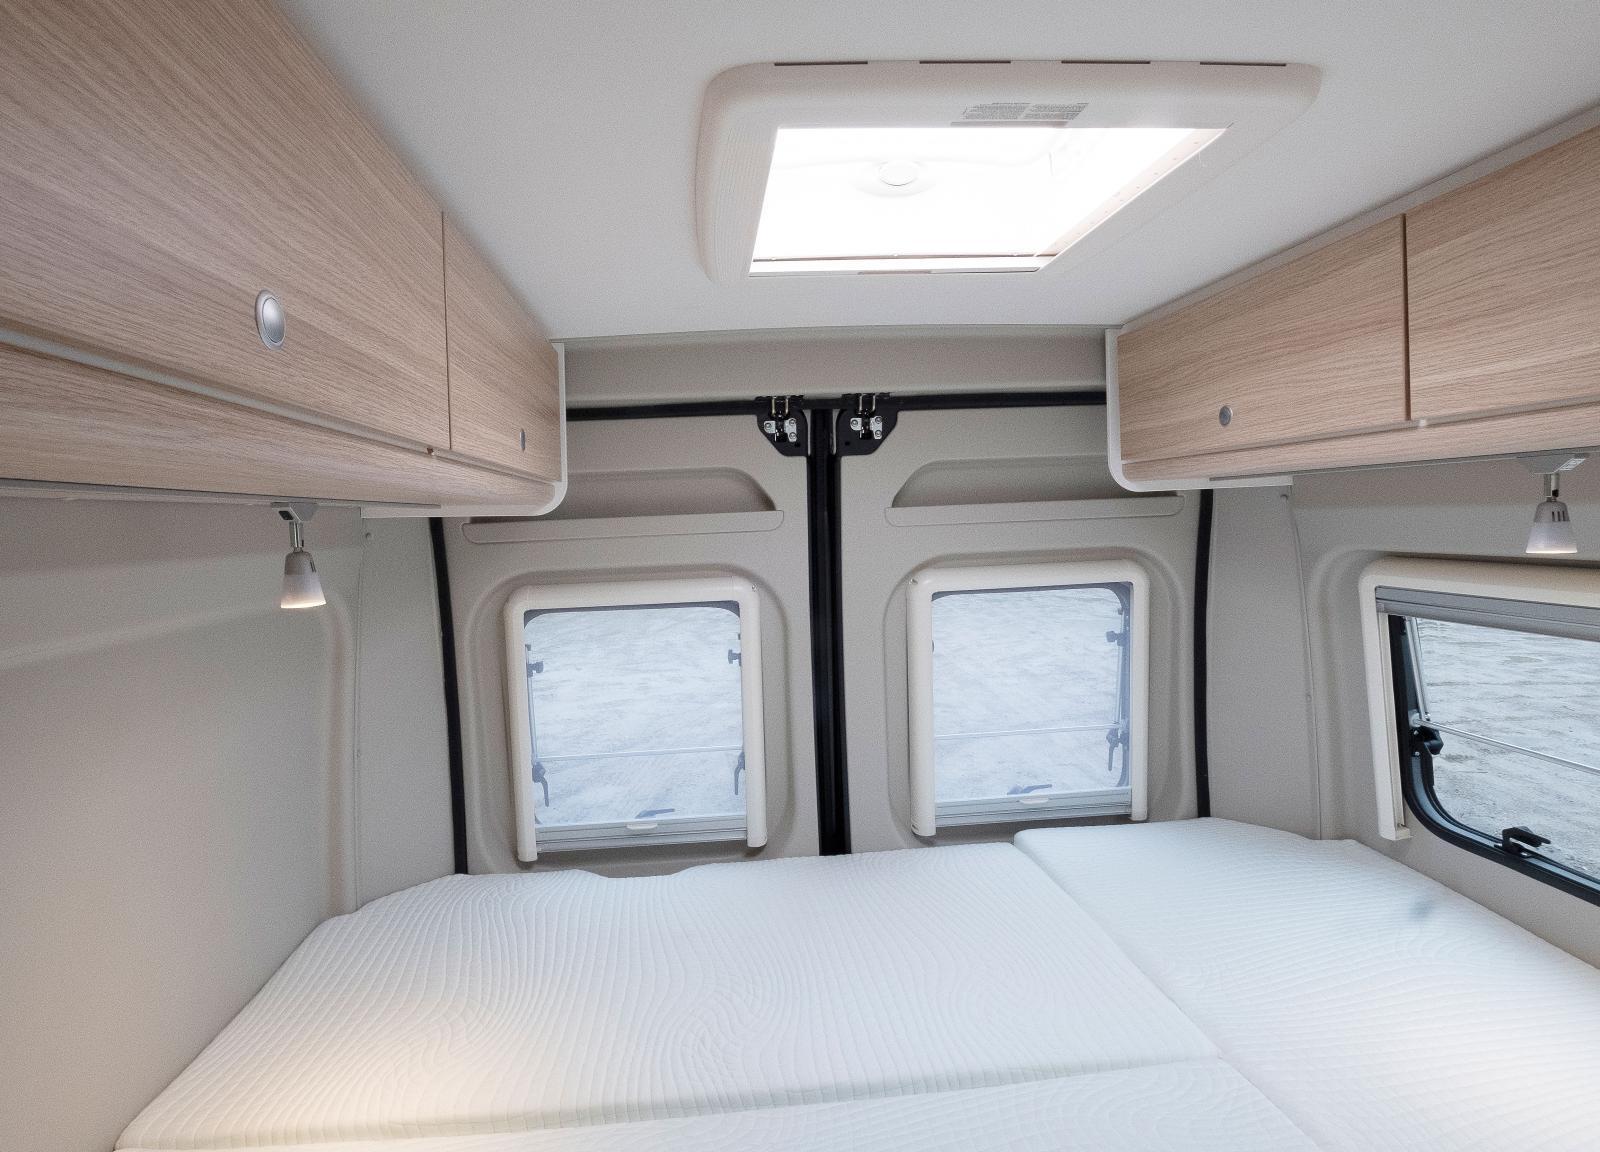 Fönster på ena väggen med myggnät och mörkläggning. Sänglamporna kan flyttas så det går att välja sida för huvudet.